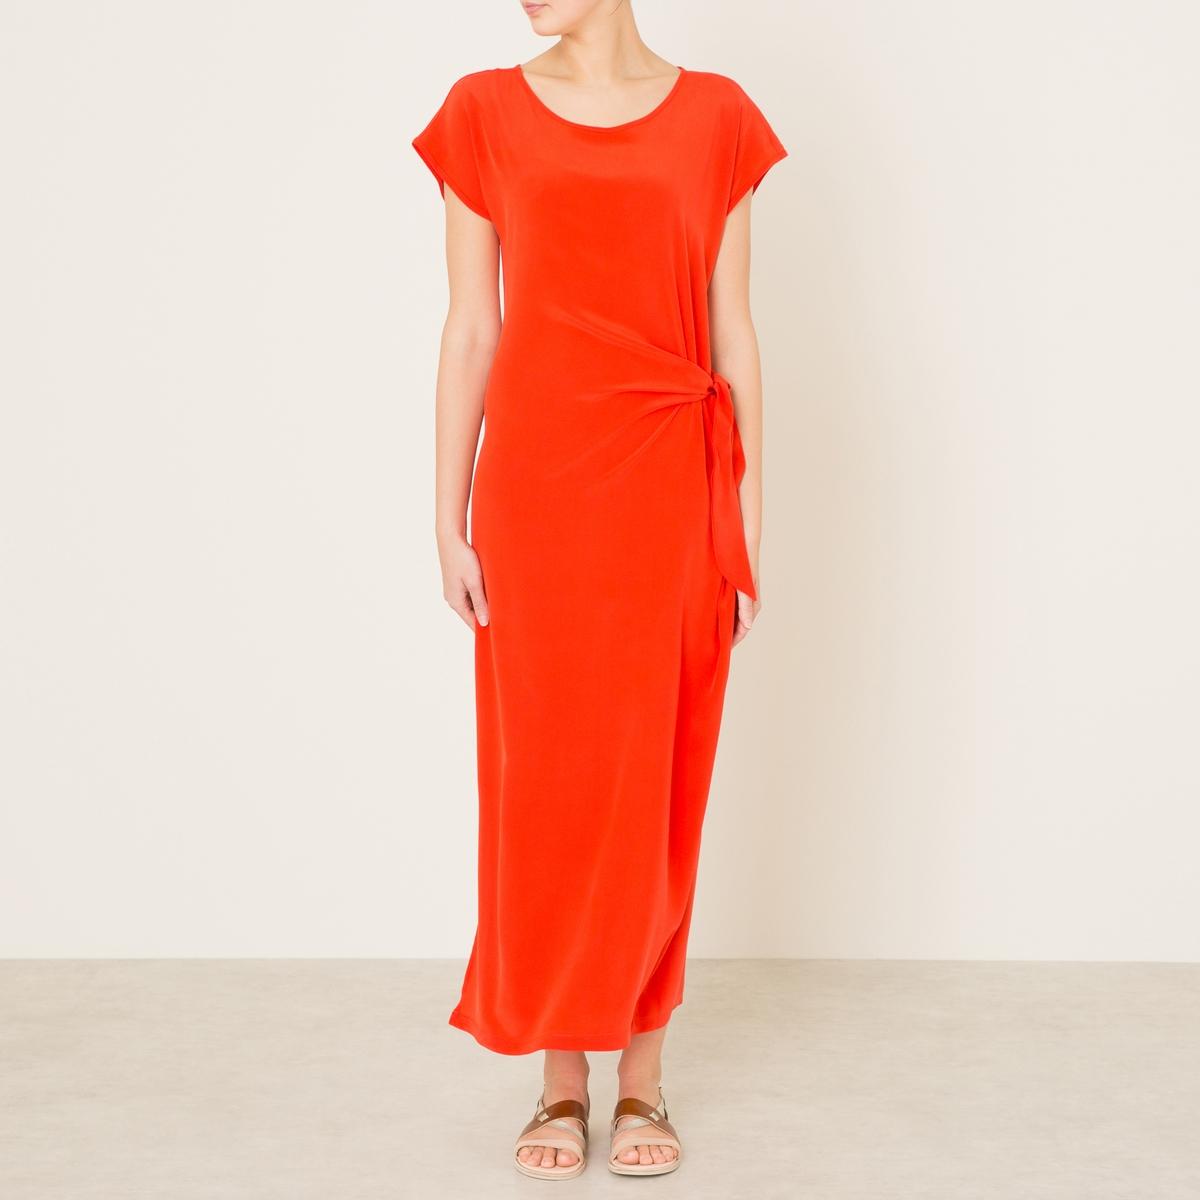 Платье длинное  VICTORСостав и описание    Материал : 100% шелкДлина от края плеча: ок. 133 см. для размера 36    Марка : TOUPY<br><br>Цвет: красный